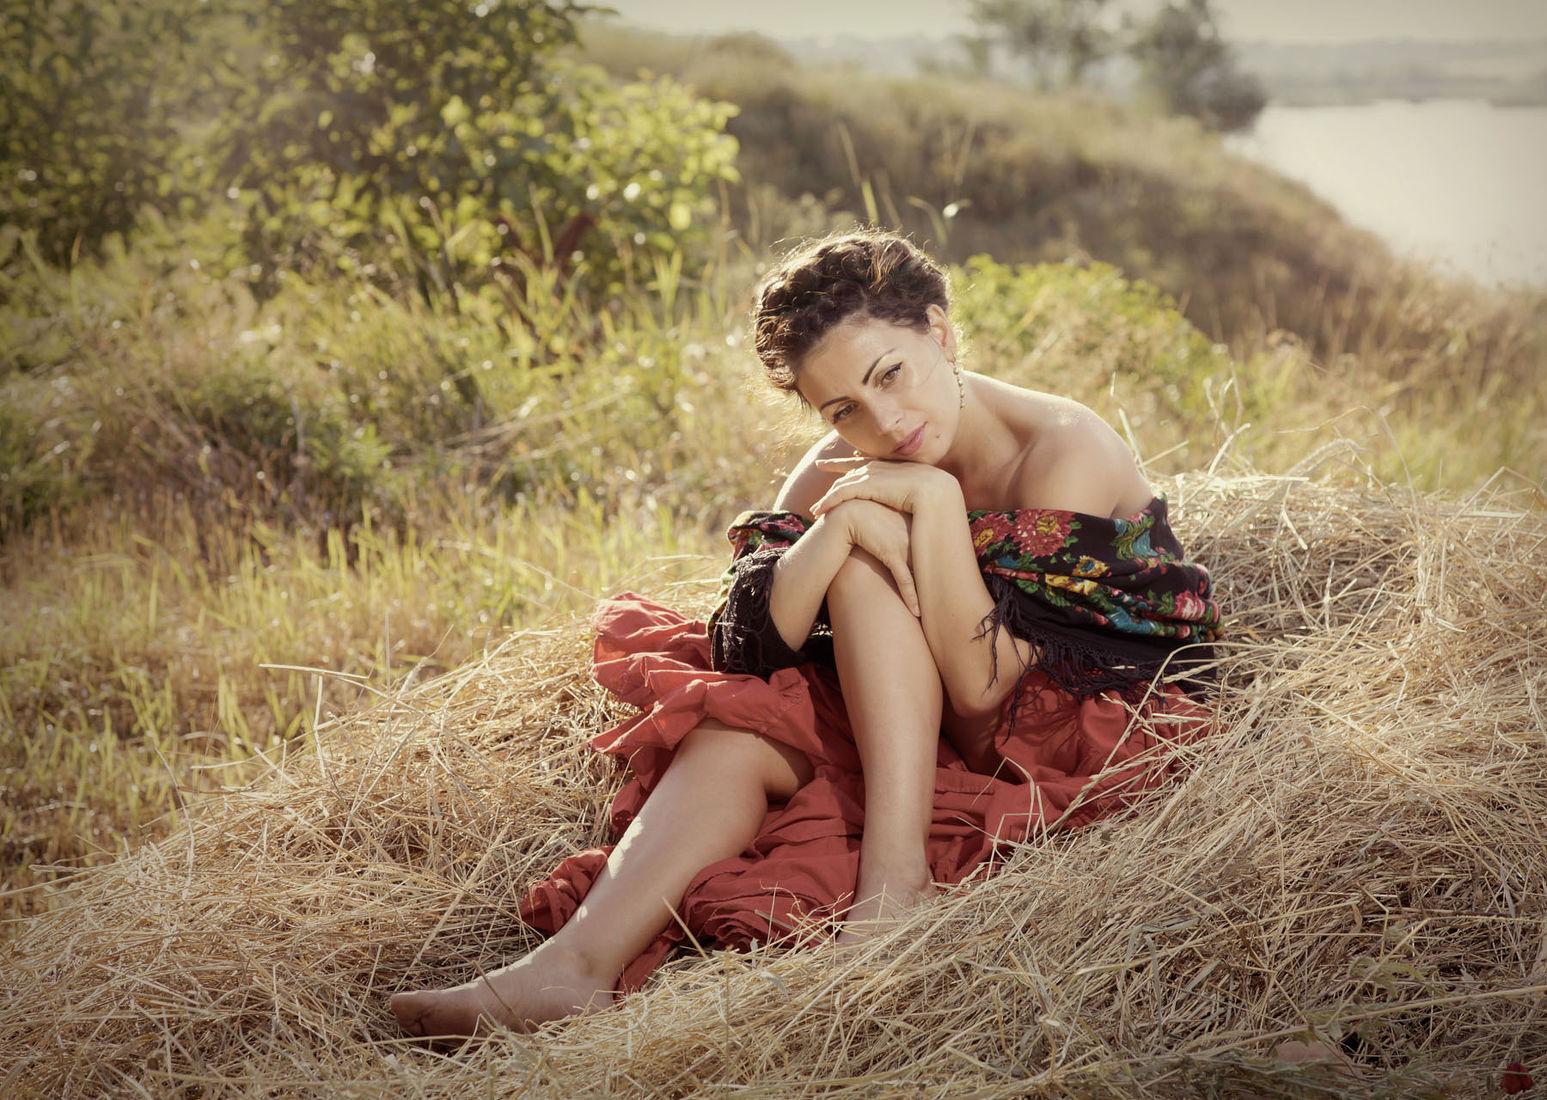 Читать рассказы женщины в деревне, Секс и страсть в деревне! - порно рассказы на 24 фотография